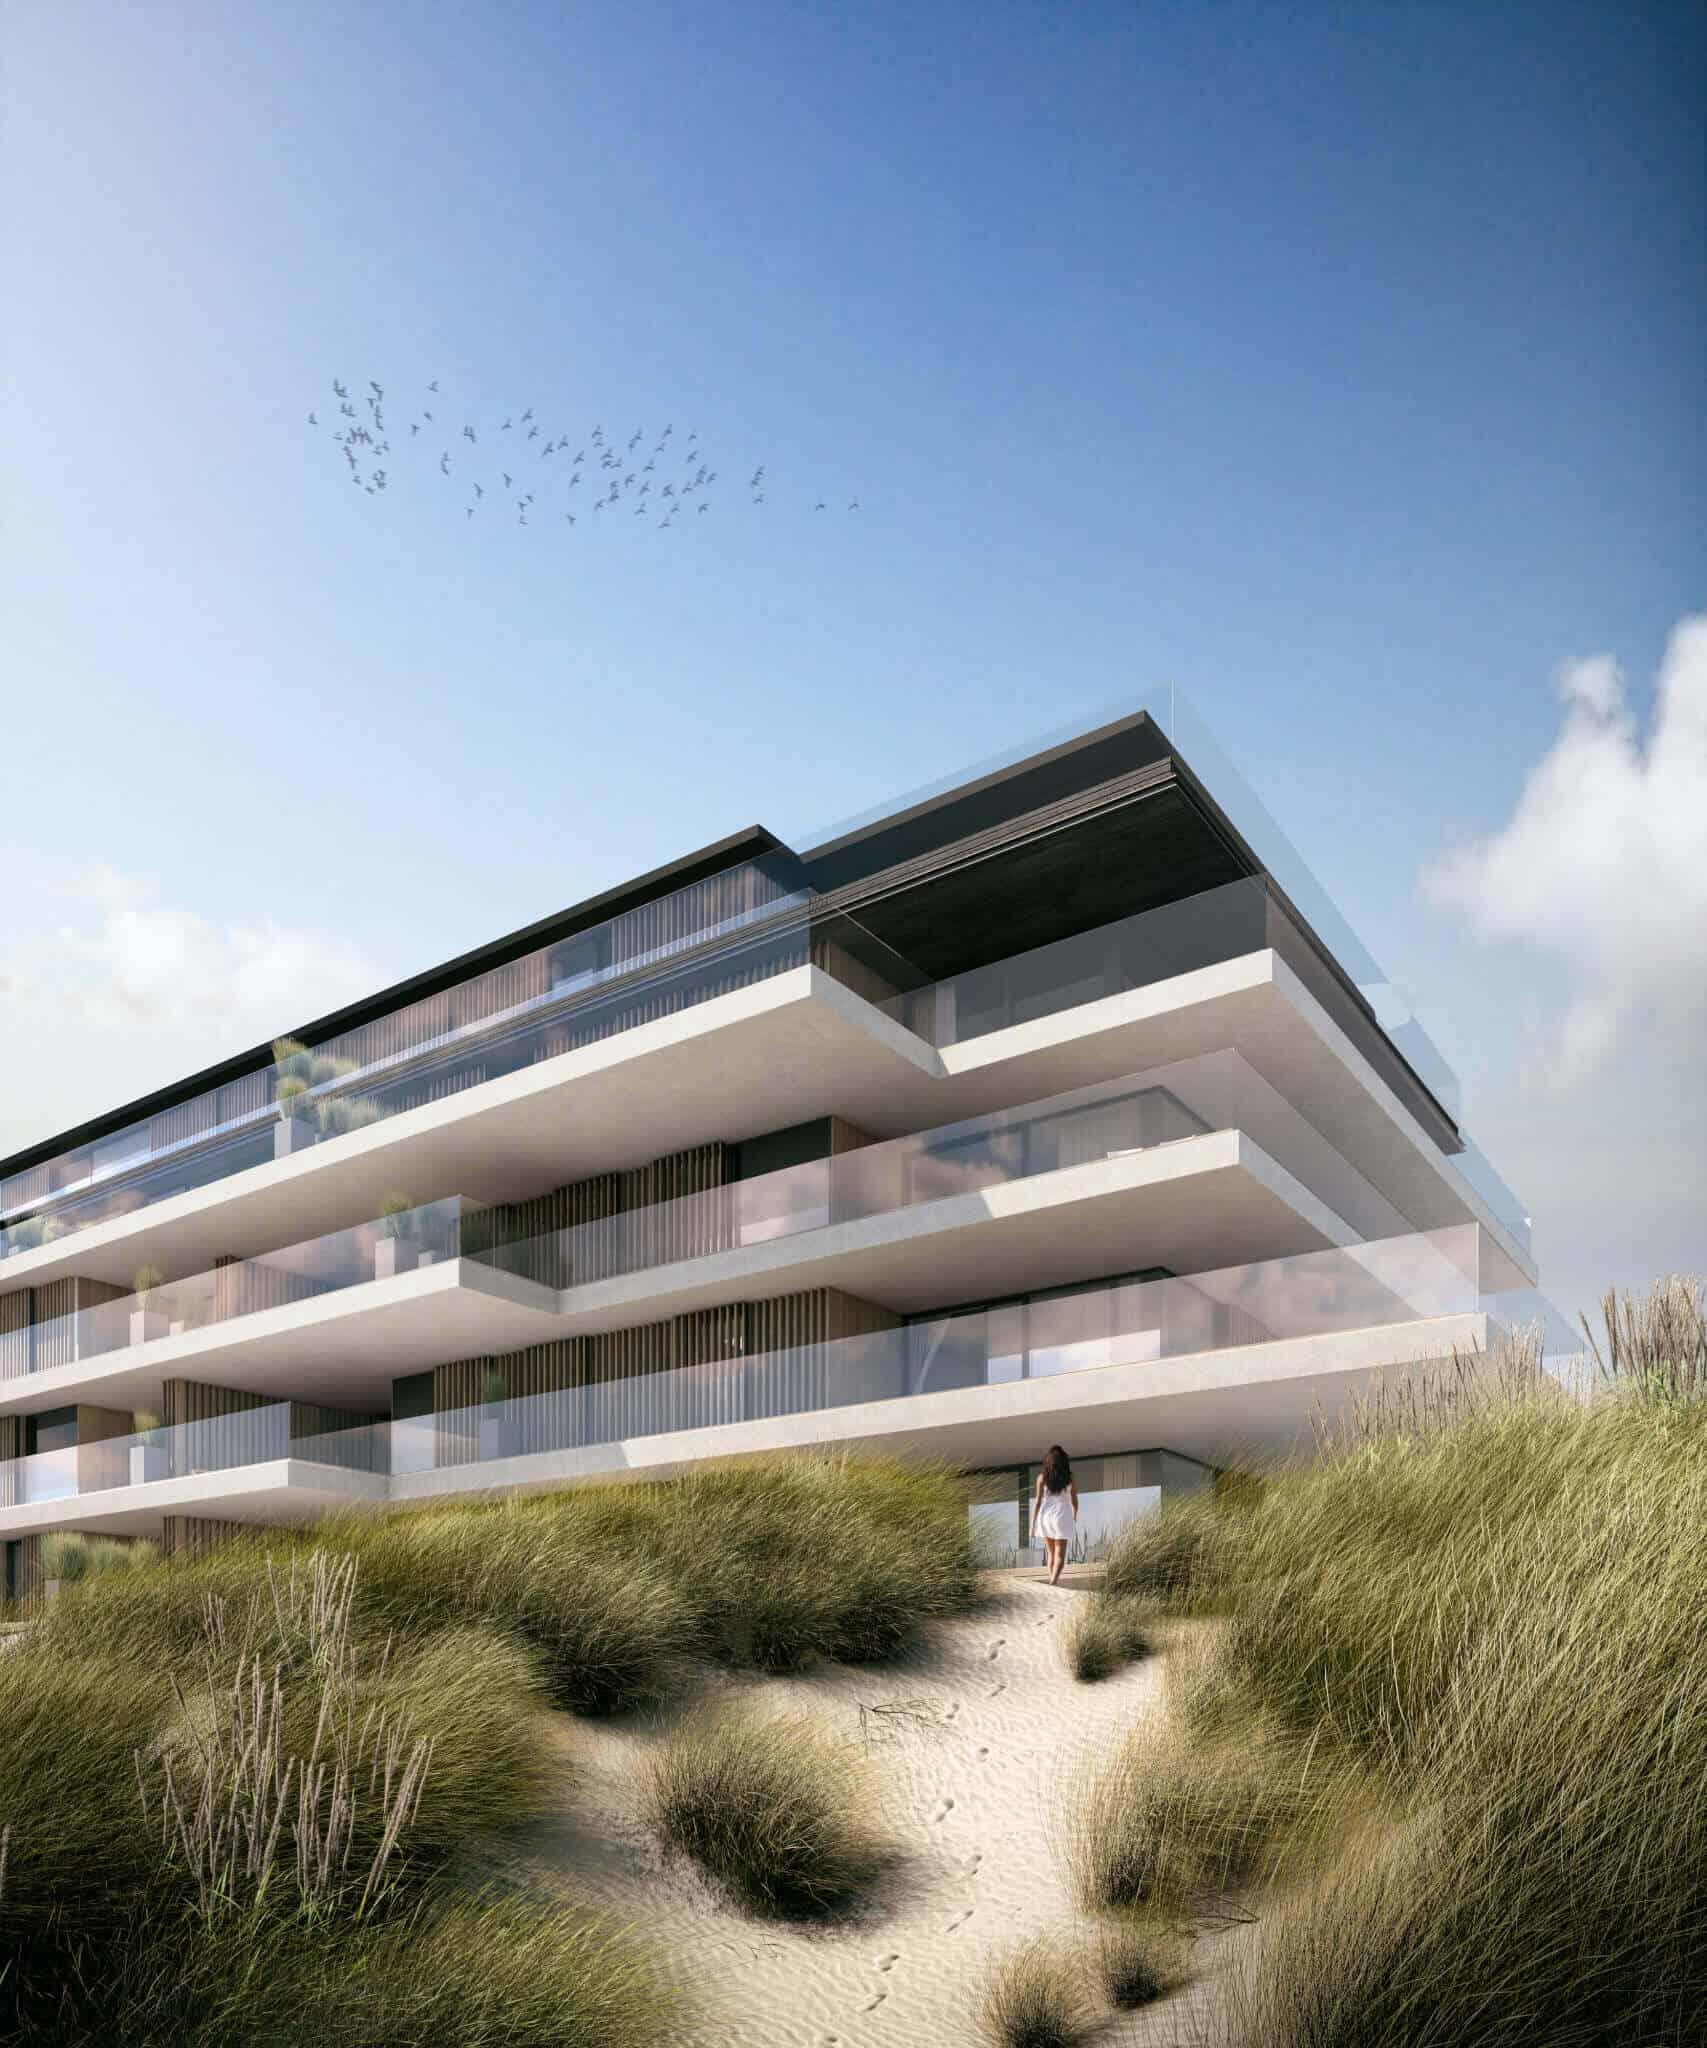 interieurarchitect Stan van den Wildenberg ontwerpt appartement in Blanke Top van Groep Versluys in Cadzand aanzicht hoek vanaf strand van architect Govaert & Vanhoutte